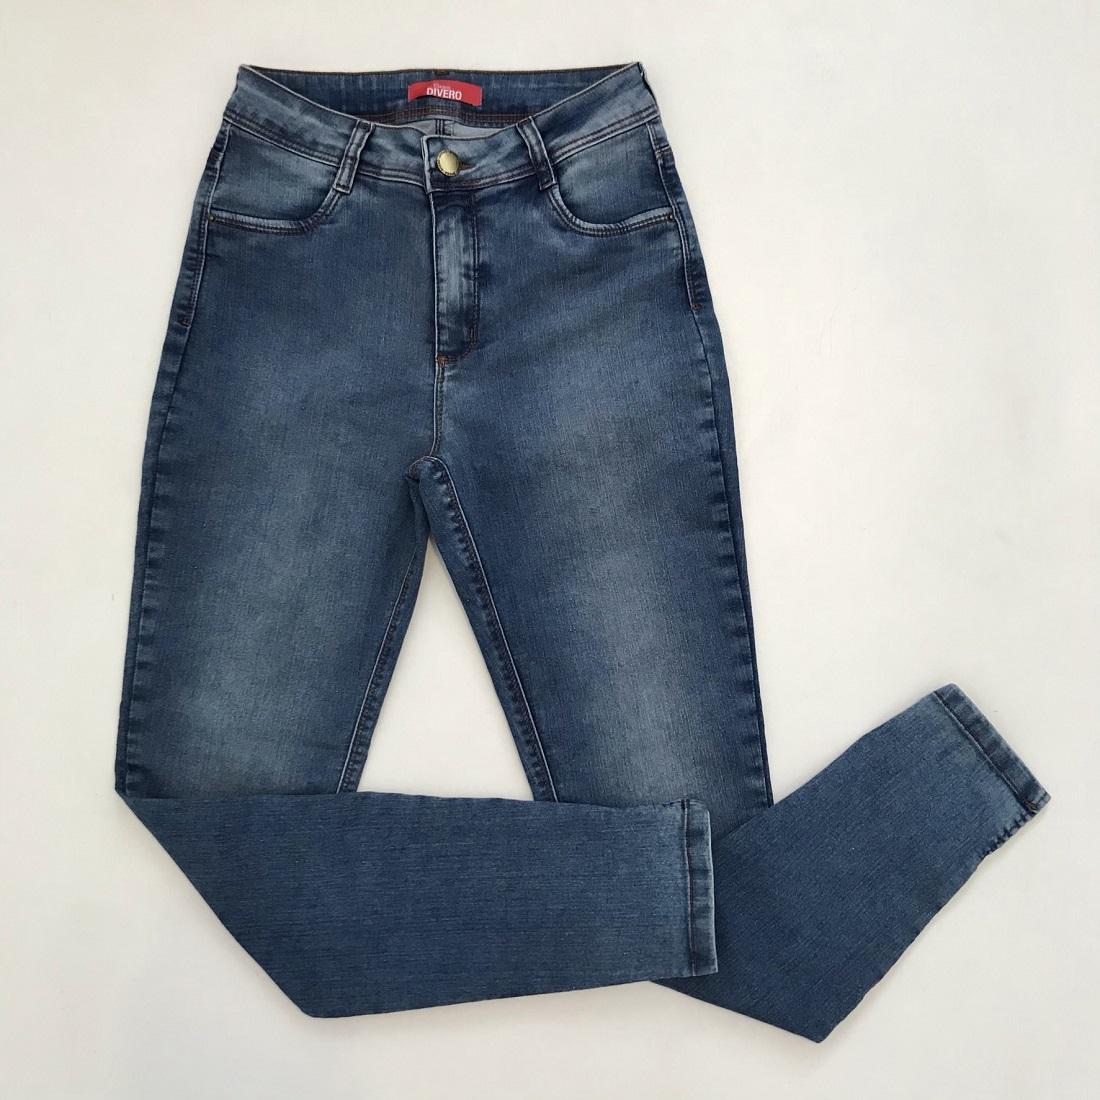 Calça Jeans Dandara